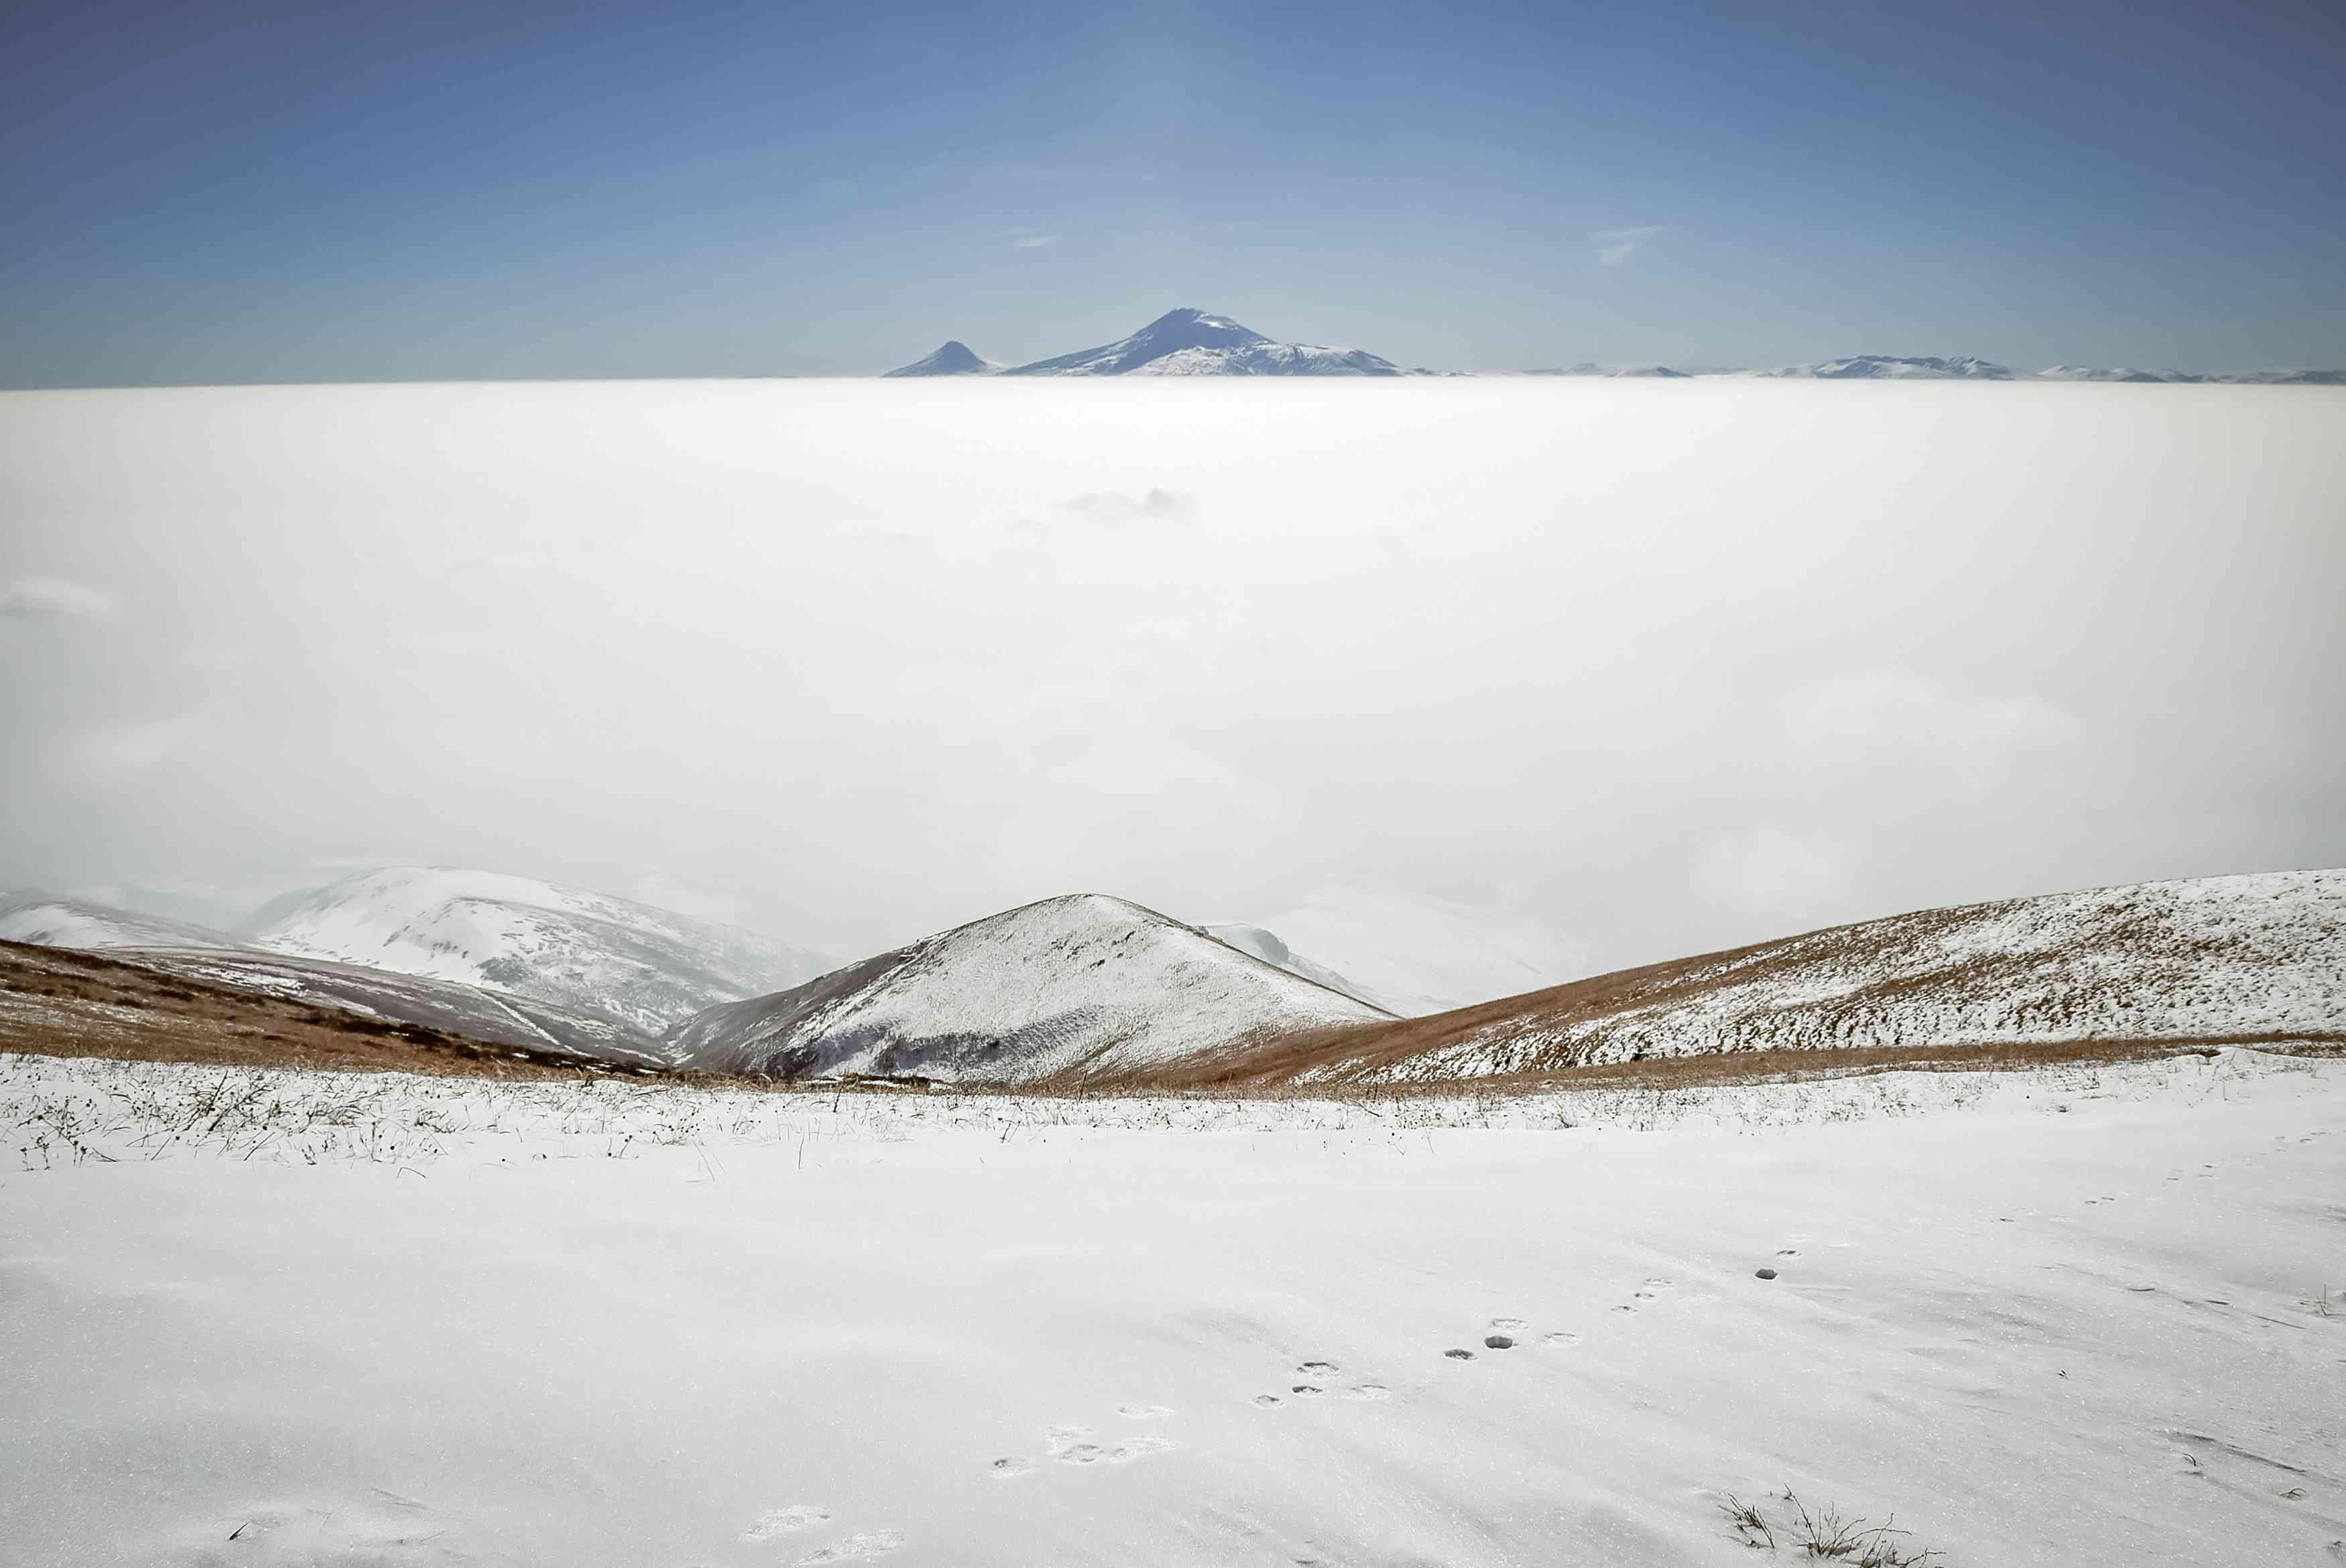 Vista panorámica de las montañas nevadas contra el cielo